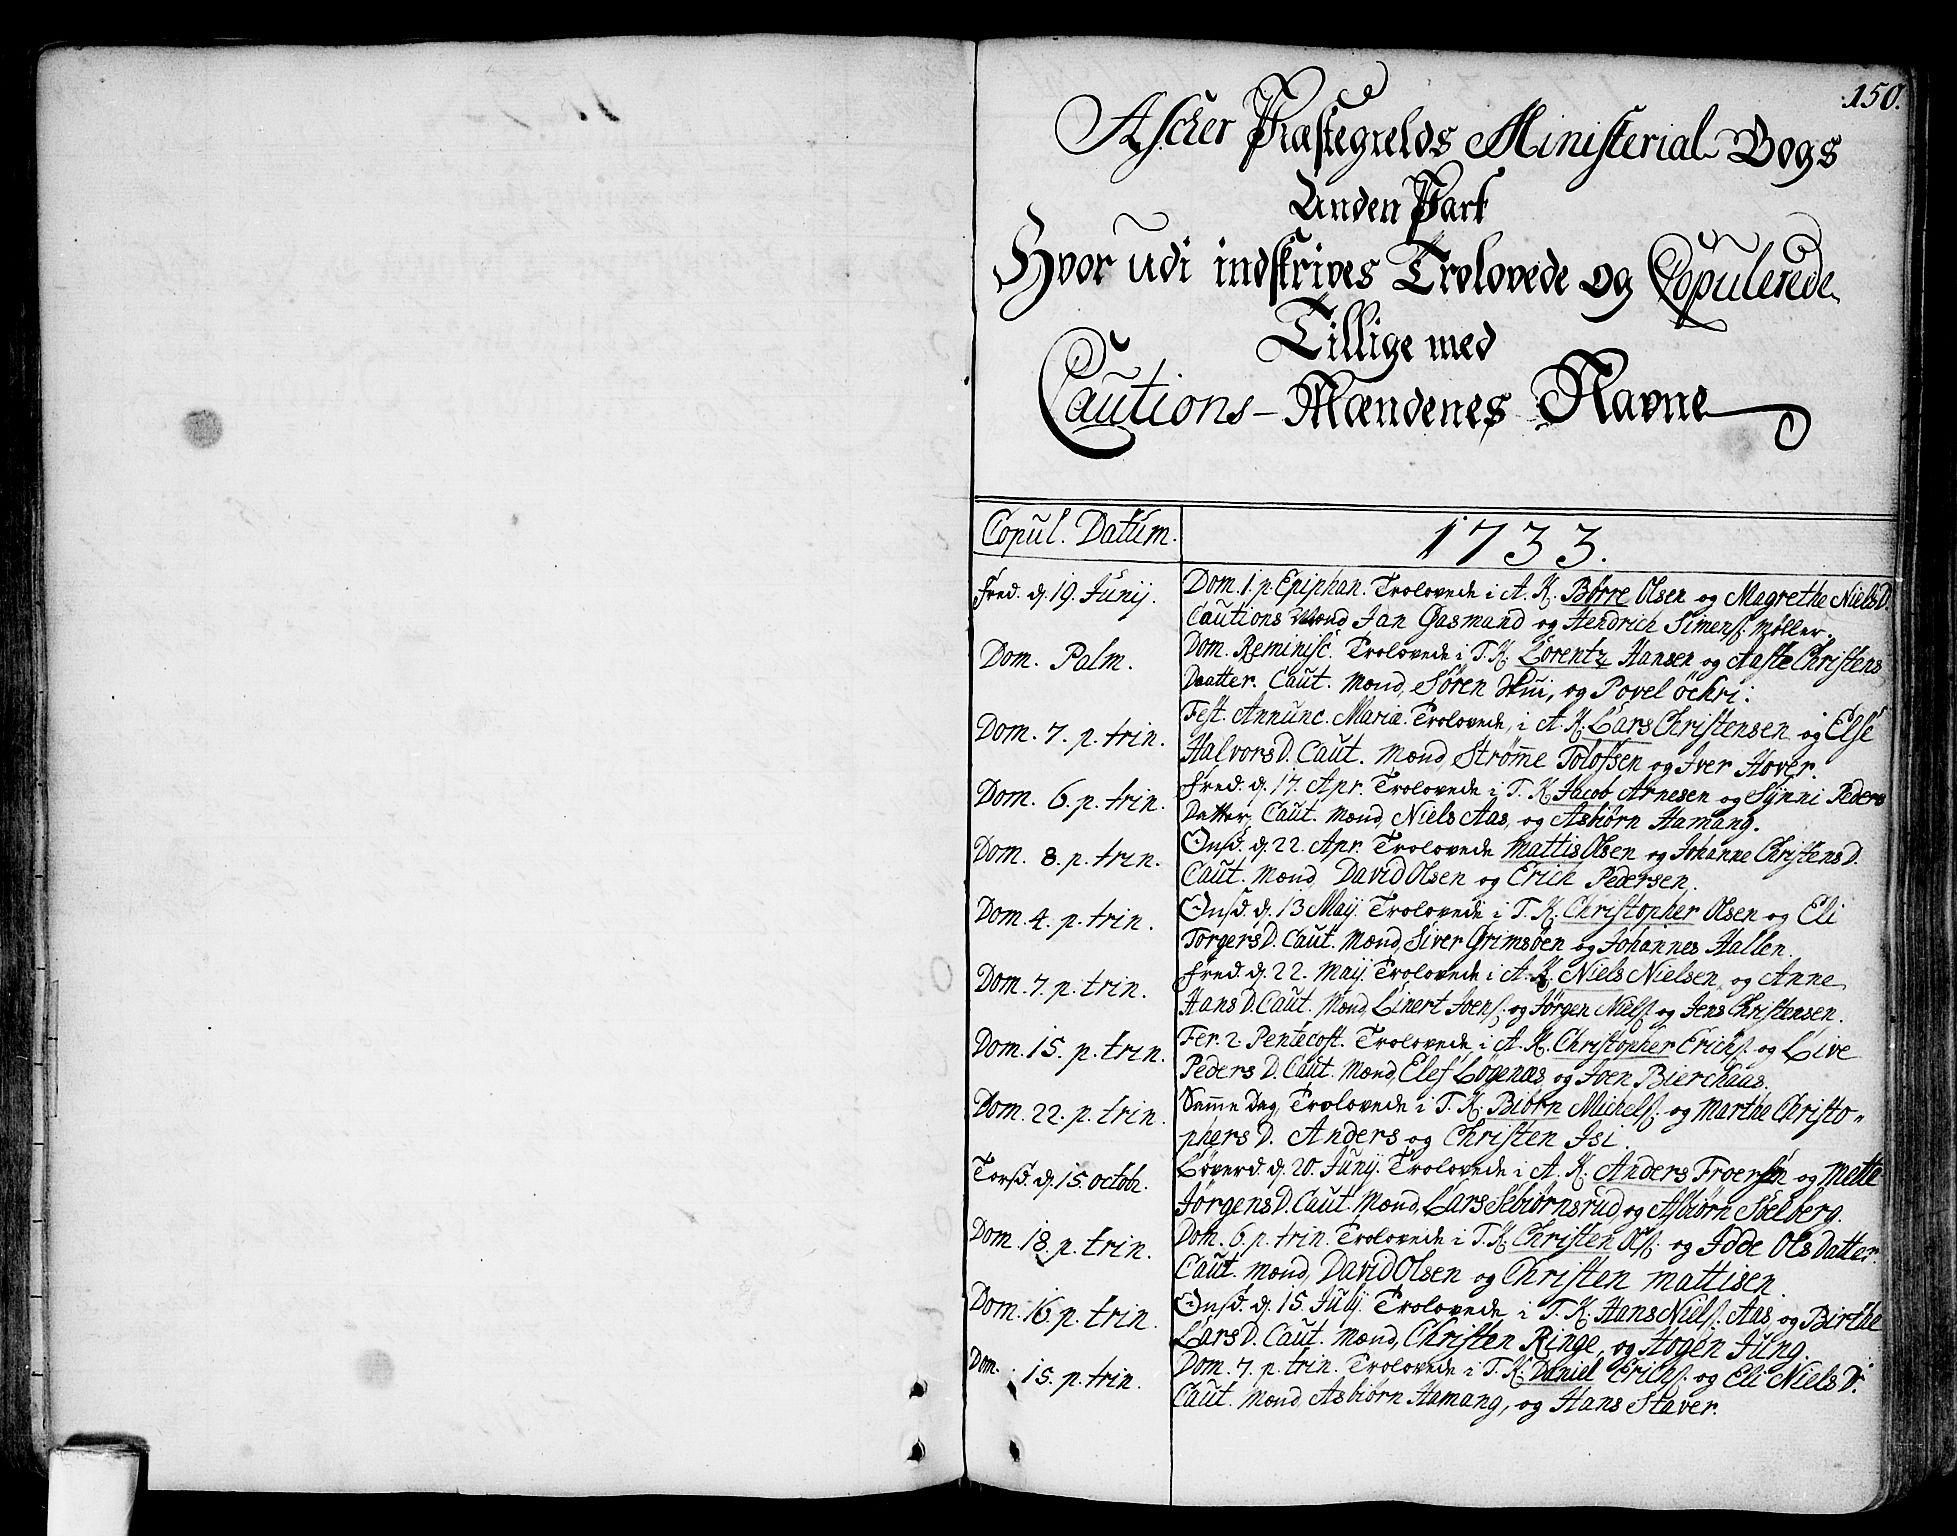 SAO, Asker prestekontor Kirkebøker, F/Fa/L0002: Ministerialbok nr. I 2, 1733-1766, s. 150